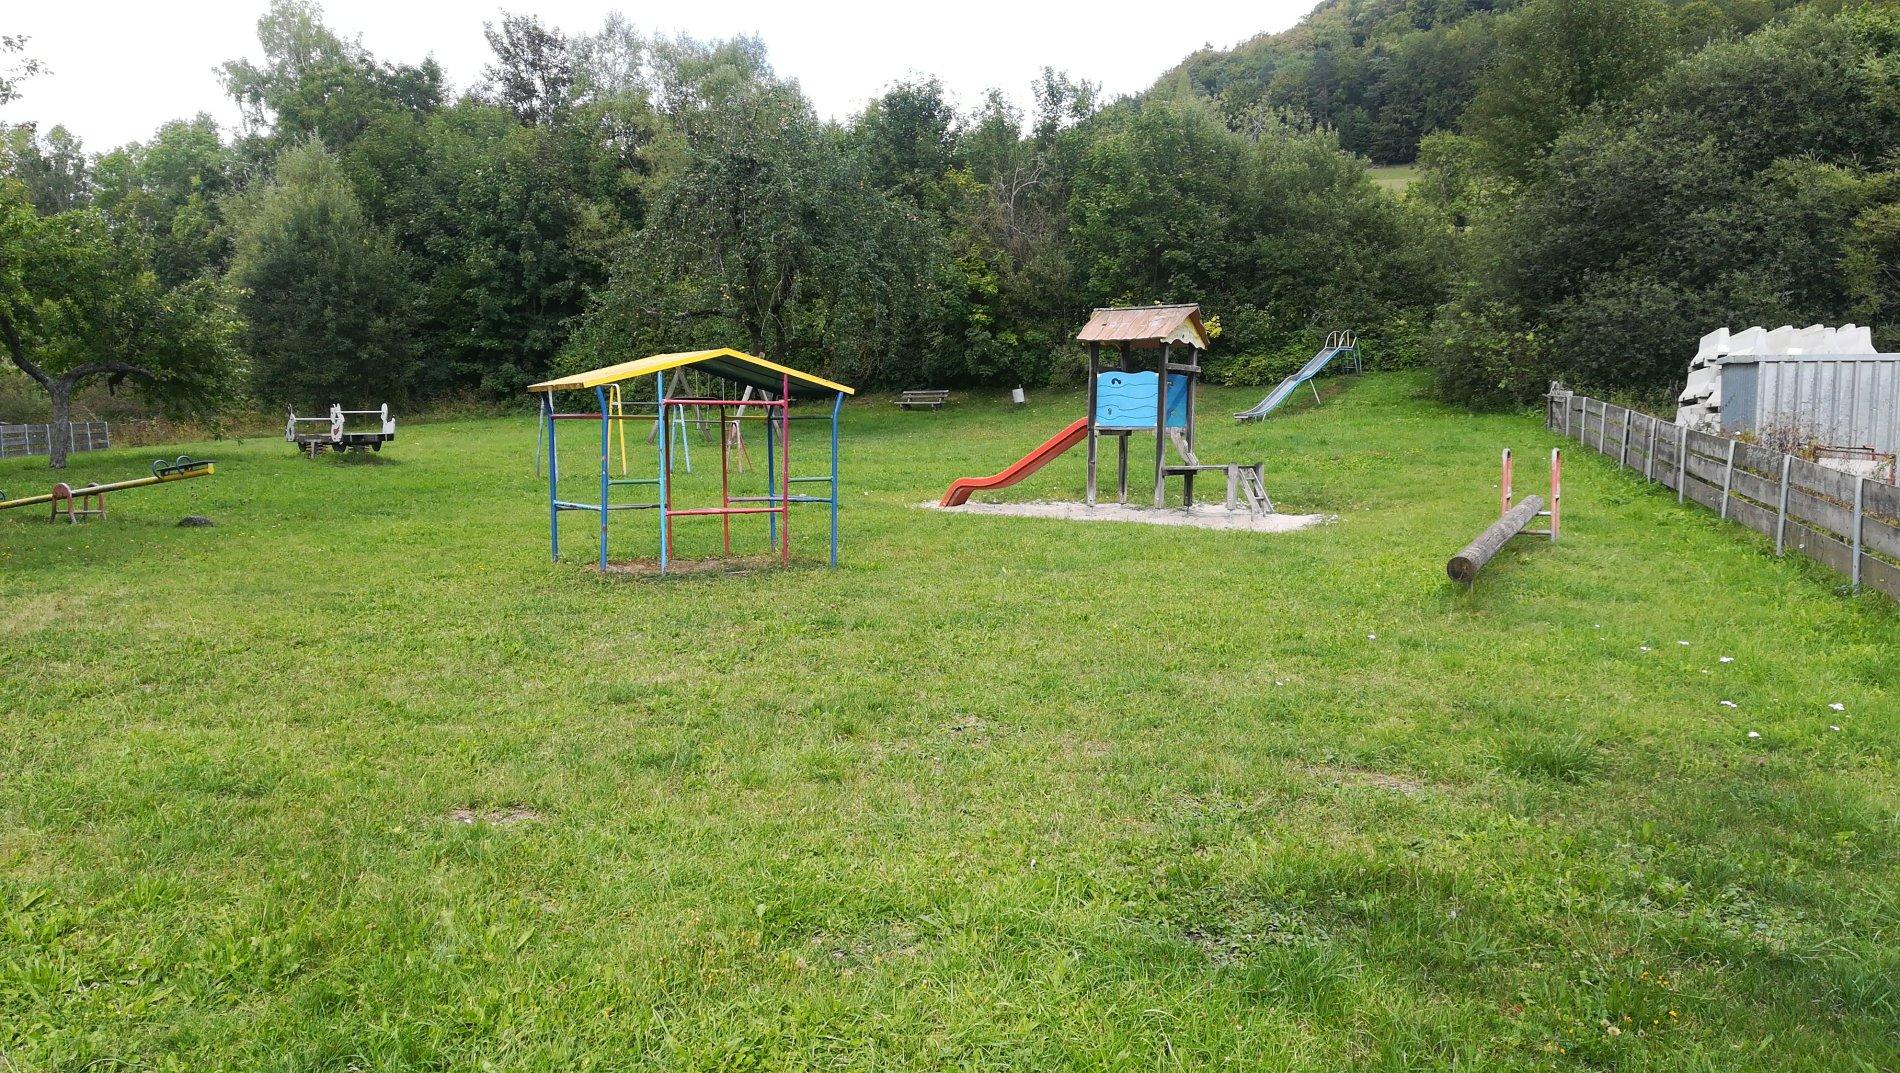 Spielplatz Ortsmitte - Viel Spaß beim Spielen!